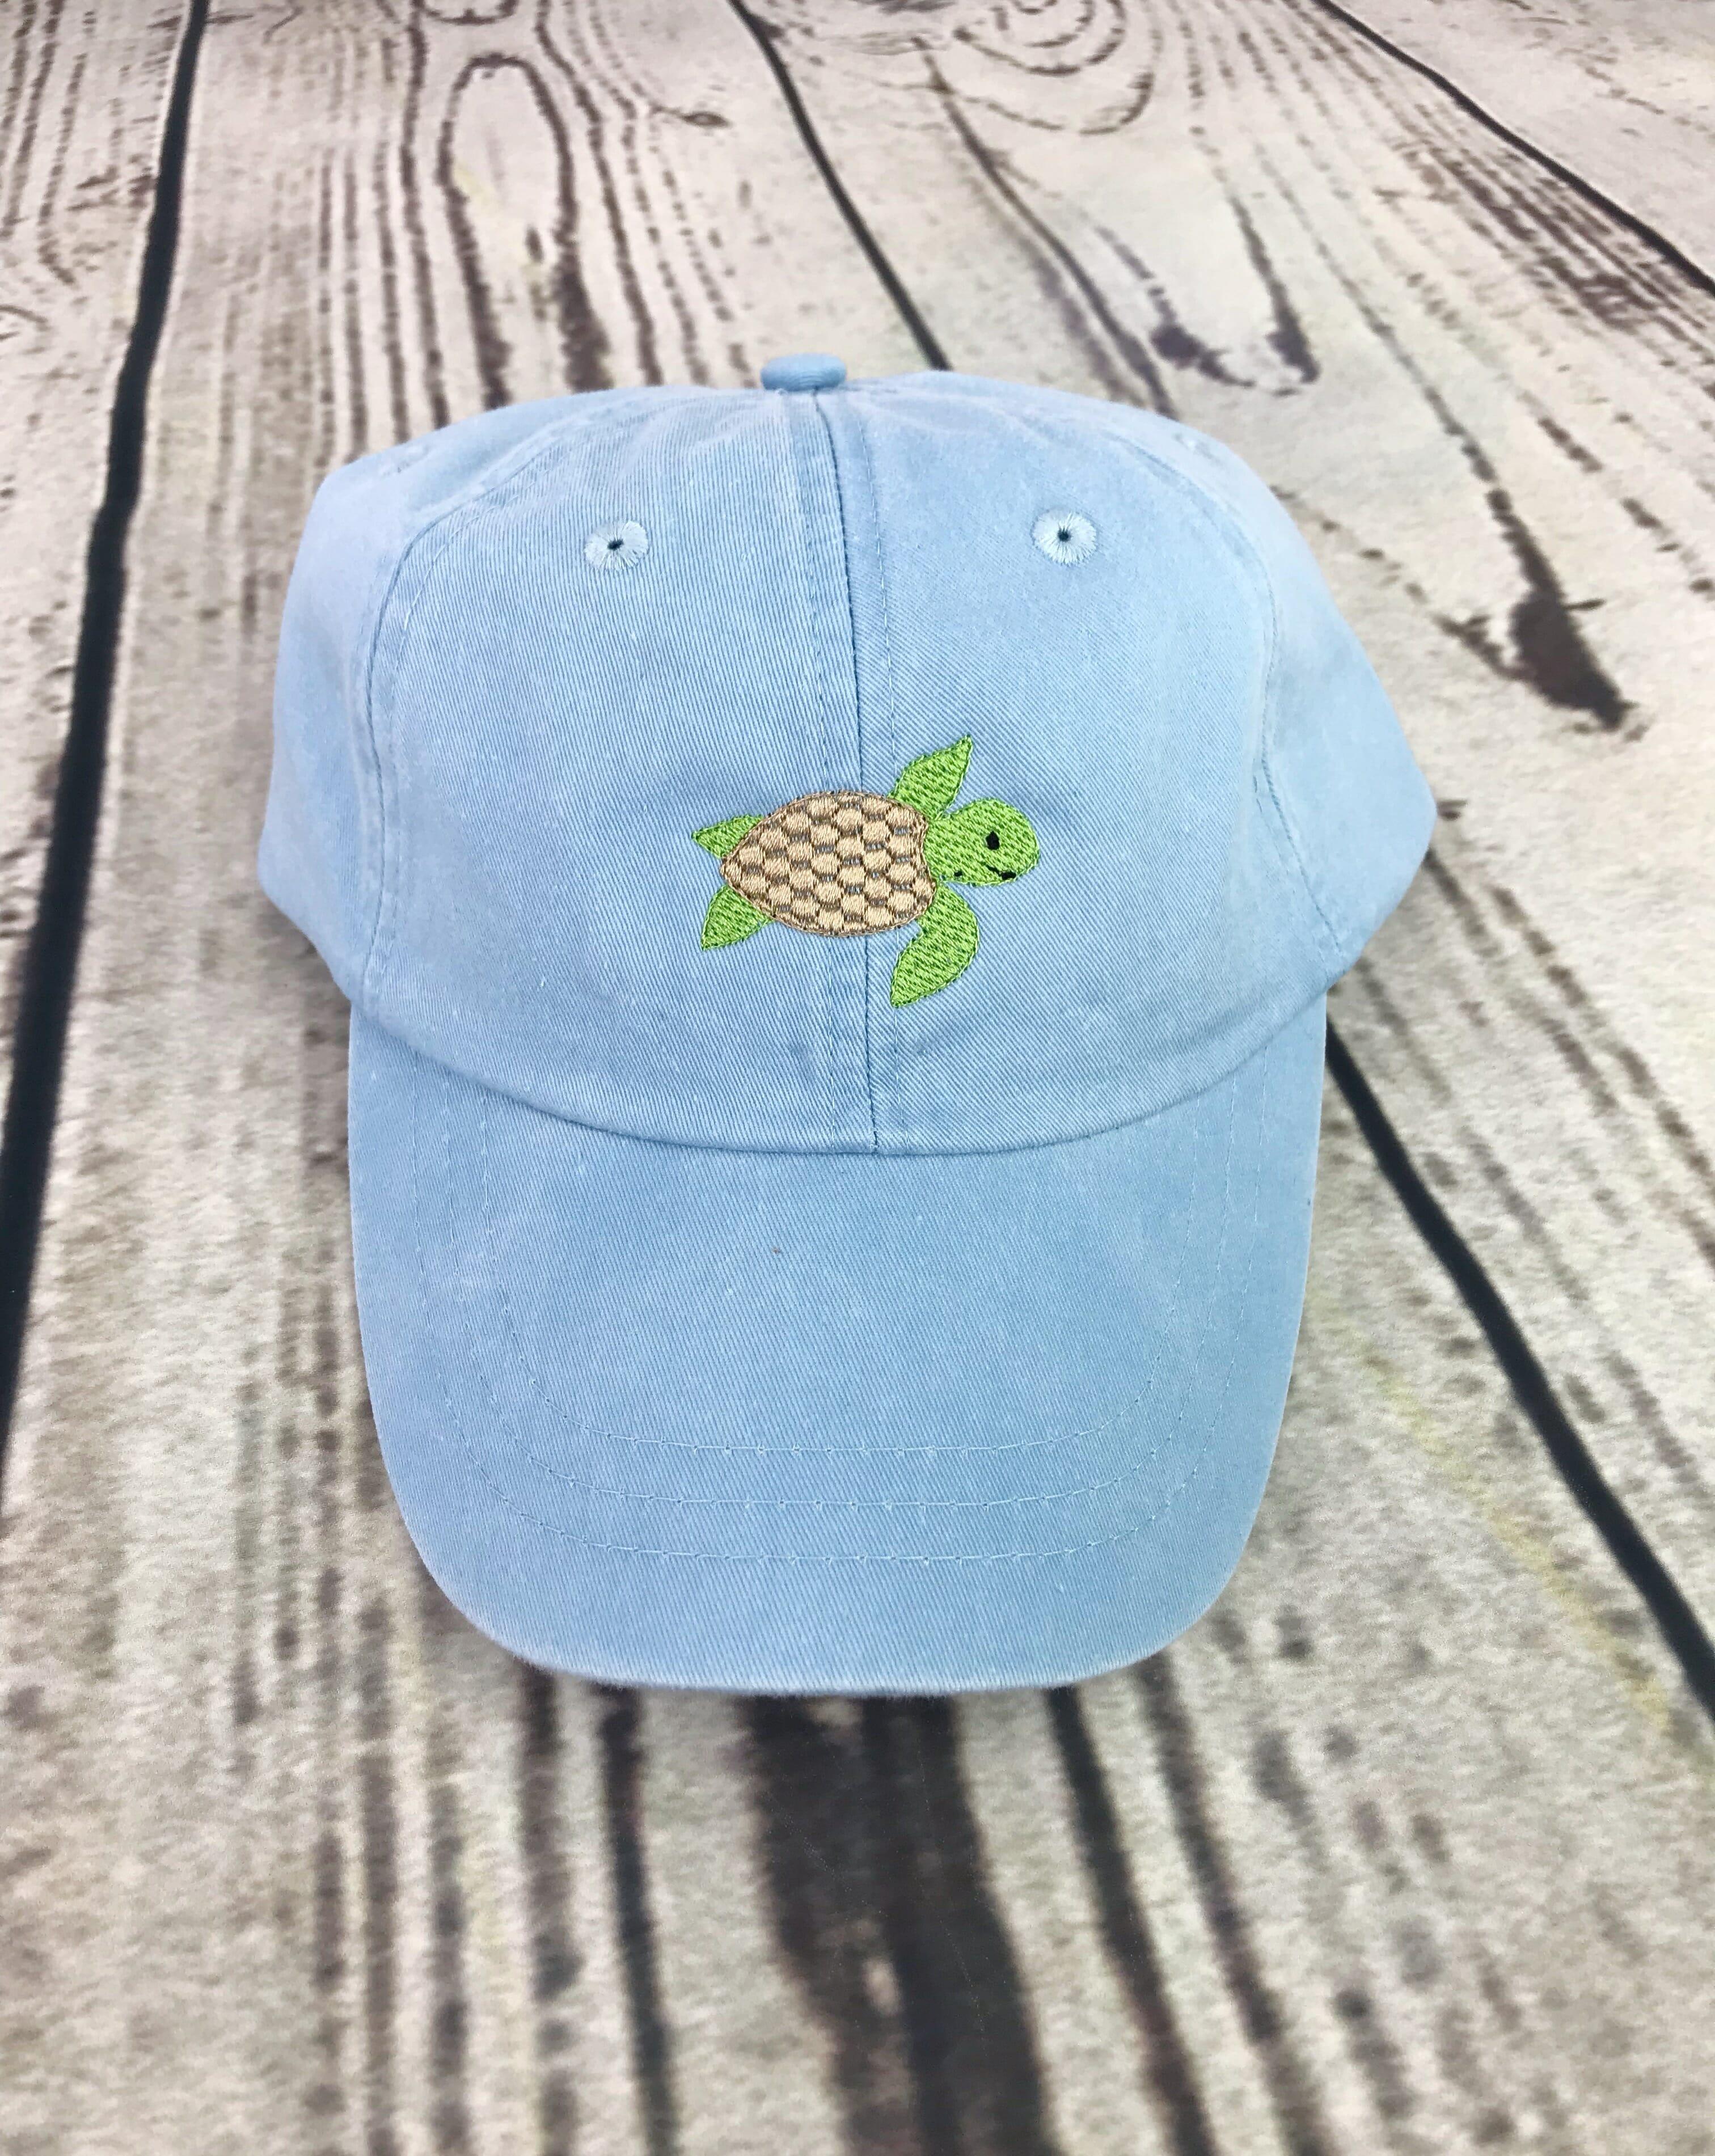 819c830a505af Turtle baseball cap